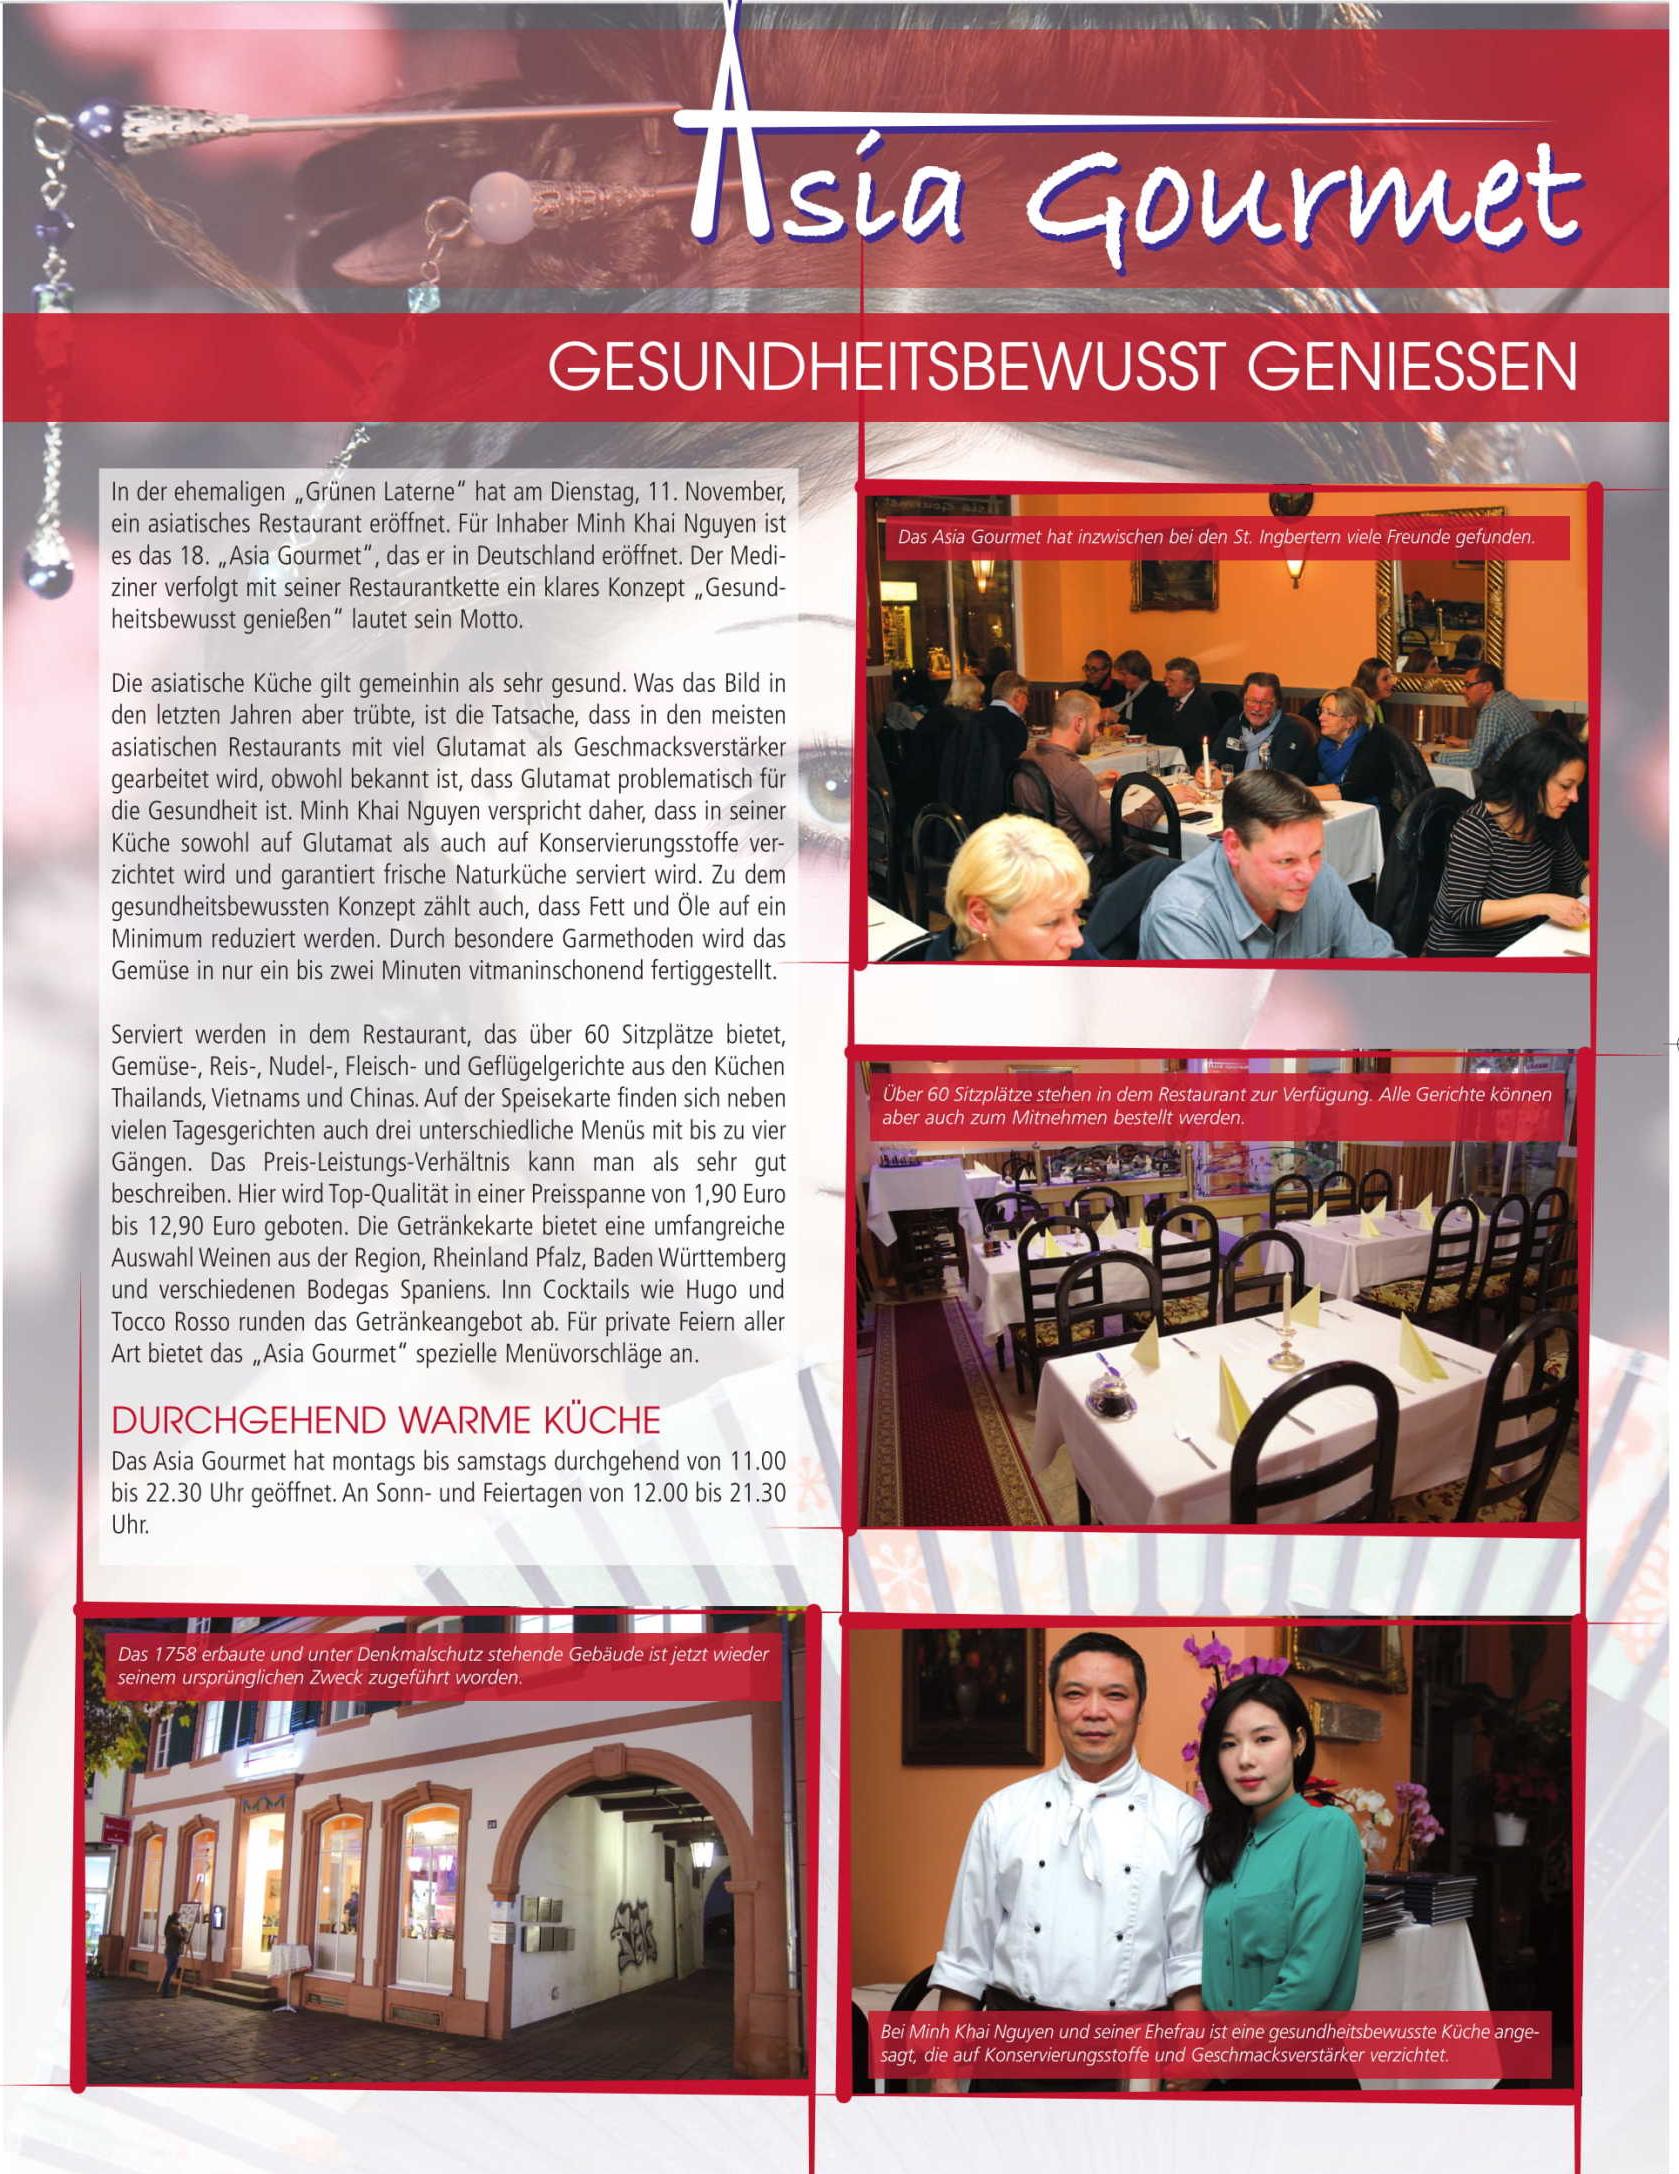 Asia_Gourmet-Presse-3